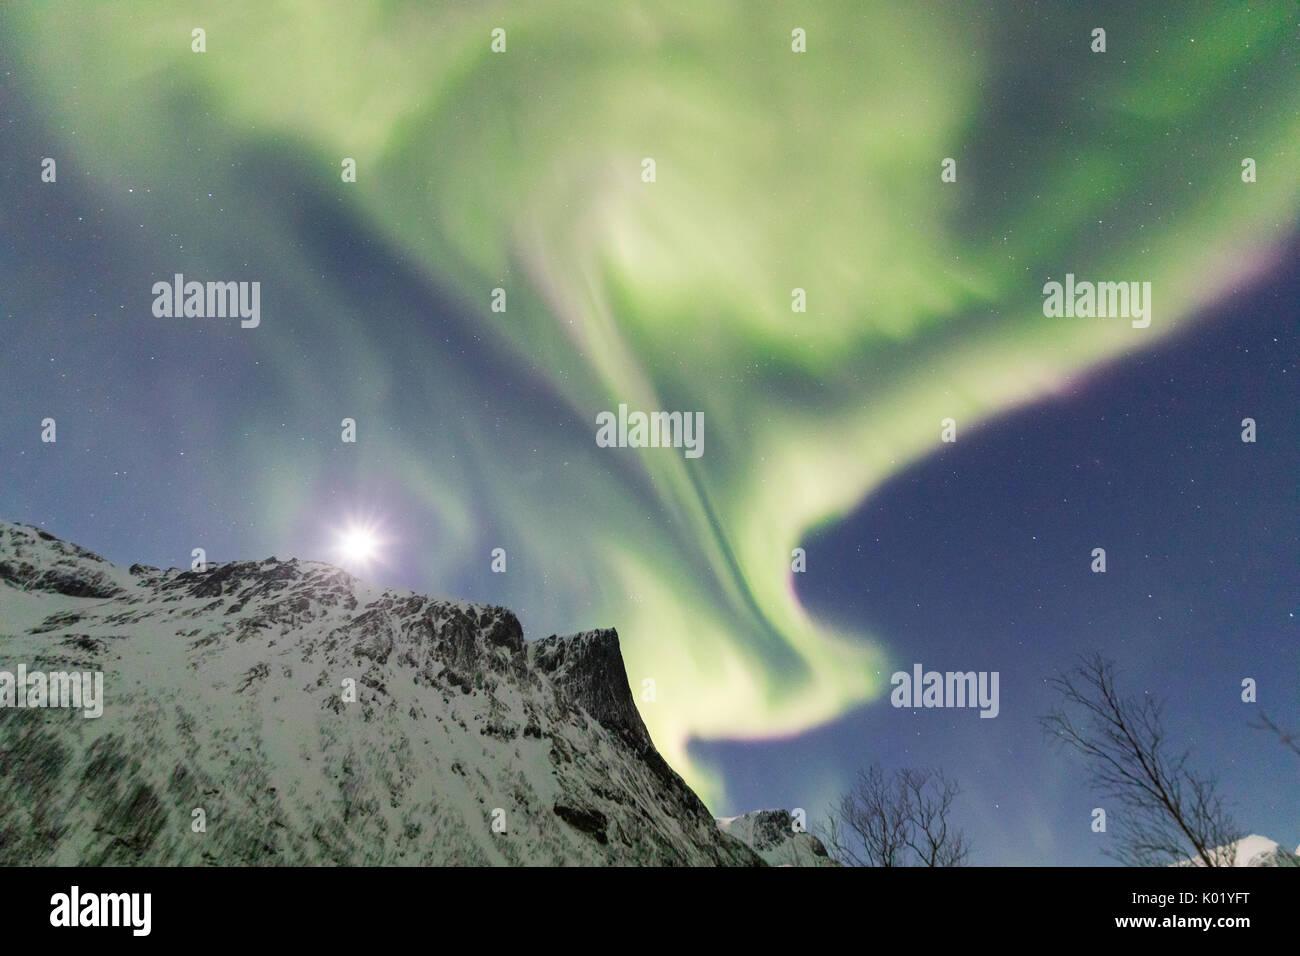 Beste Sternenklare Nacht Färbung Seite Ideen - Malvorlagen-Ideen ...